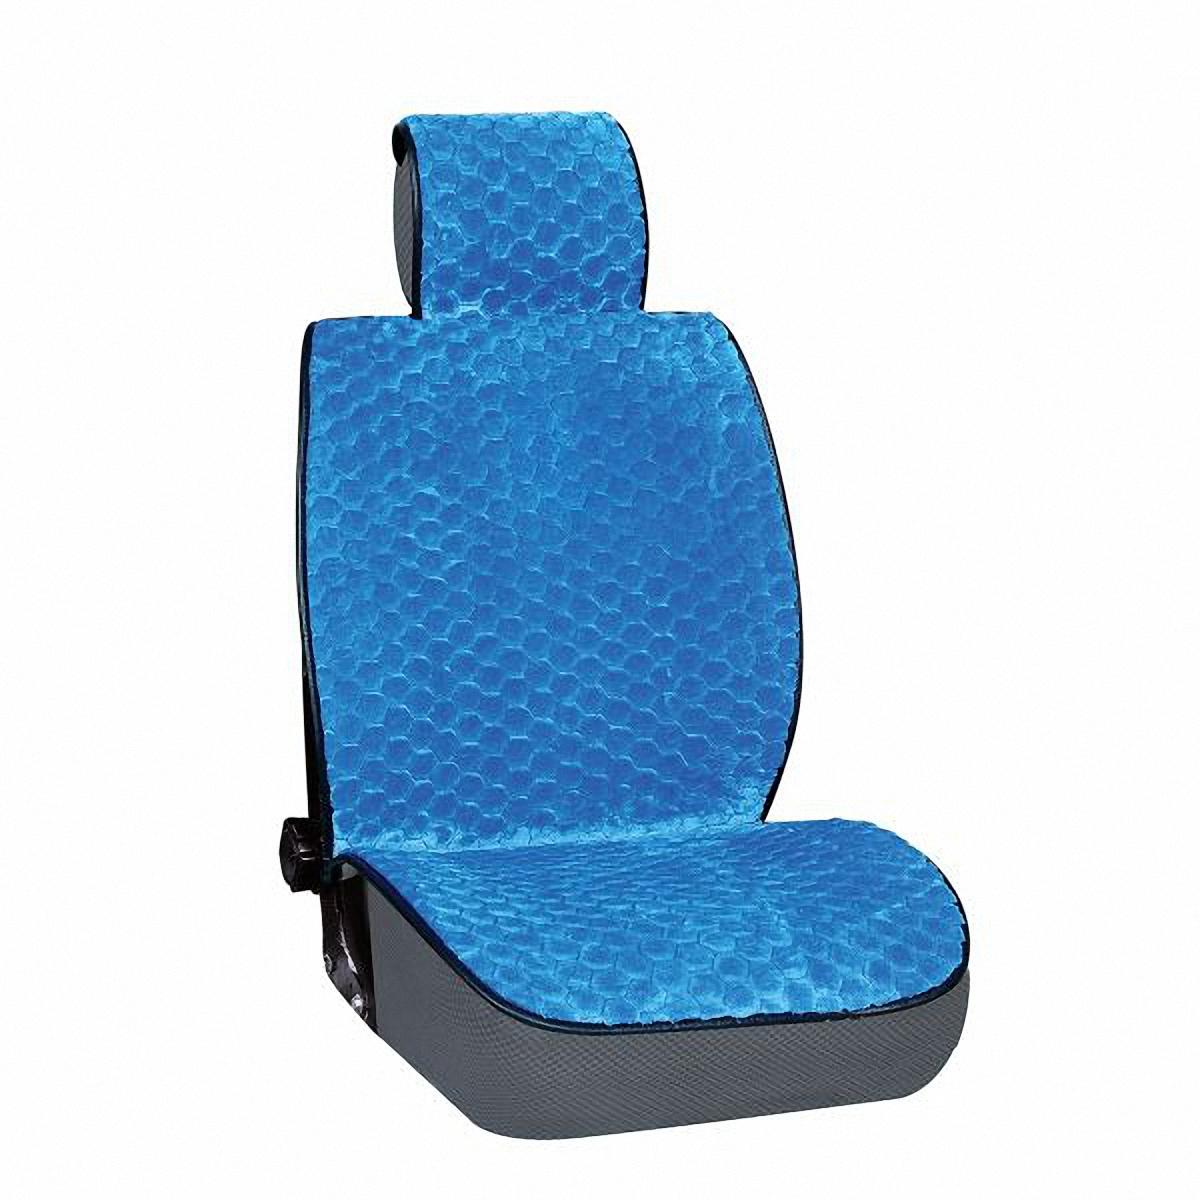 Накидка на сиденье Skyway, цвет: синий, 2 шт. S03001024S03001024Накидка на сиденье Skyway - это изящное сочетание стиля и качества. В комплект входит две накидки. Выполненные из искусственного меха они расслабляют мышцы спины при поездке, благотворно влияя на позвоночник. Так просто получить ощущение легкого массажа. С ними салон становится уютнее, а сами сидения - удобнее.